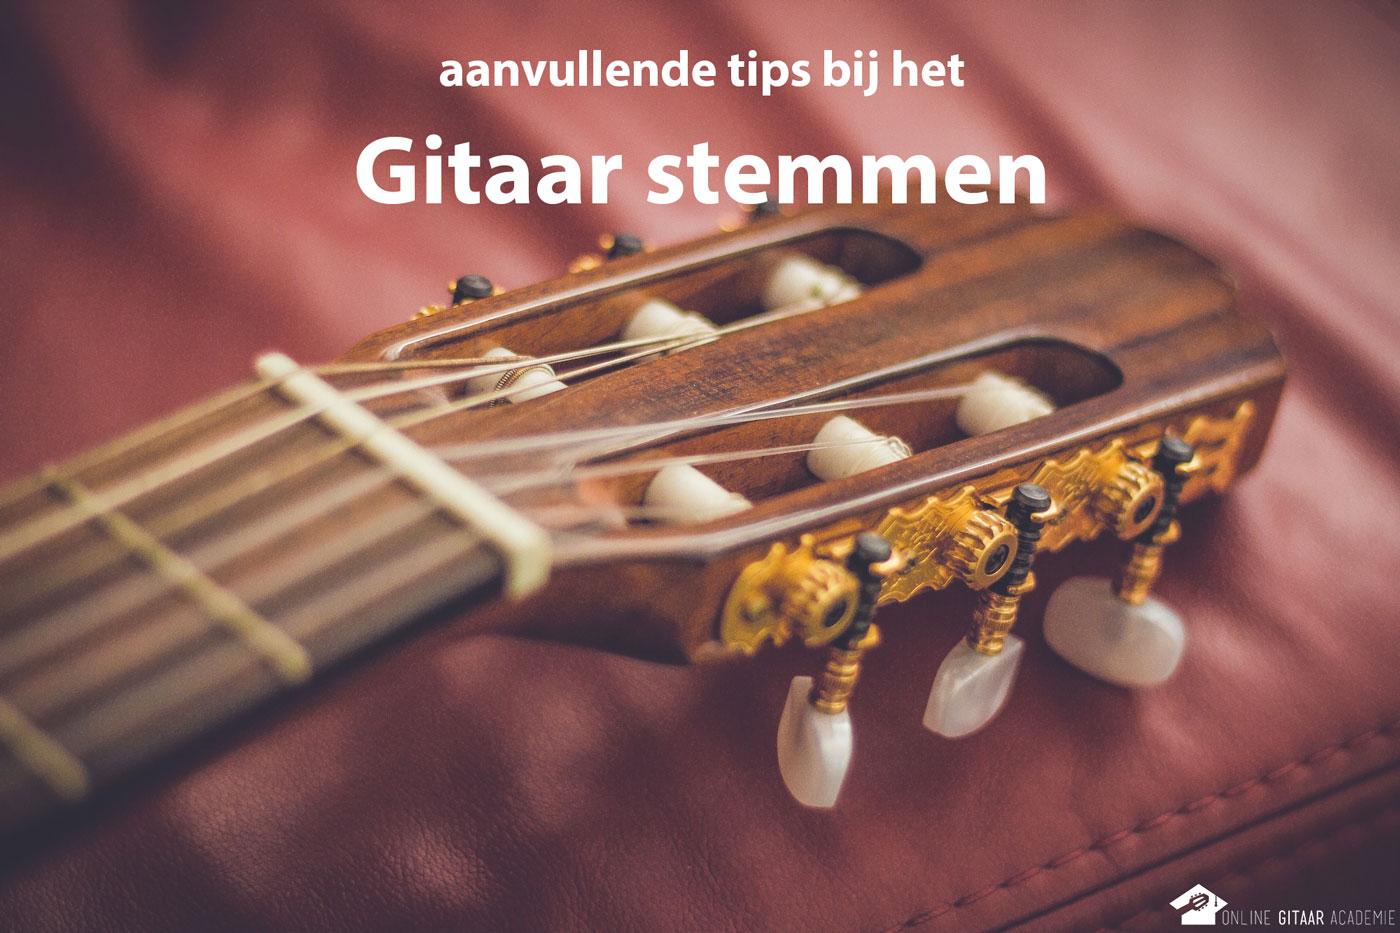 extra hulp en advies bij het gitaar stemmen krijg je met deze tips bij gitaar stemmen